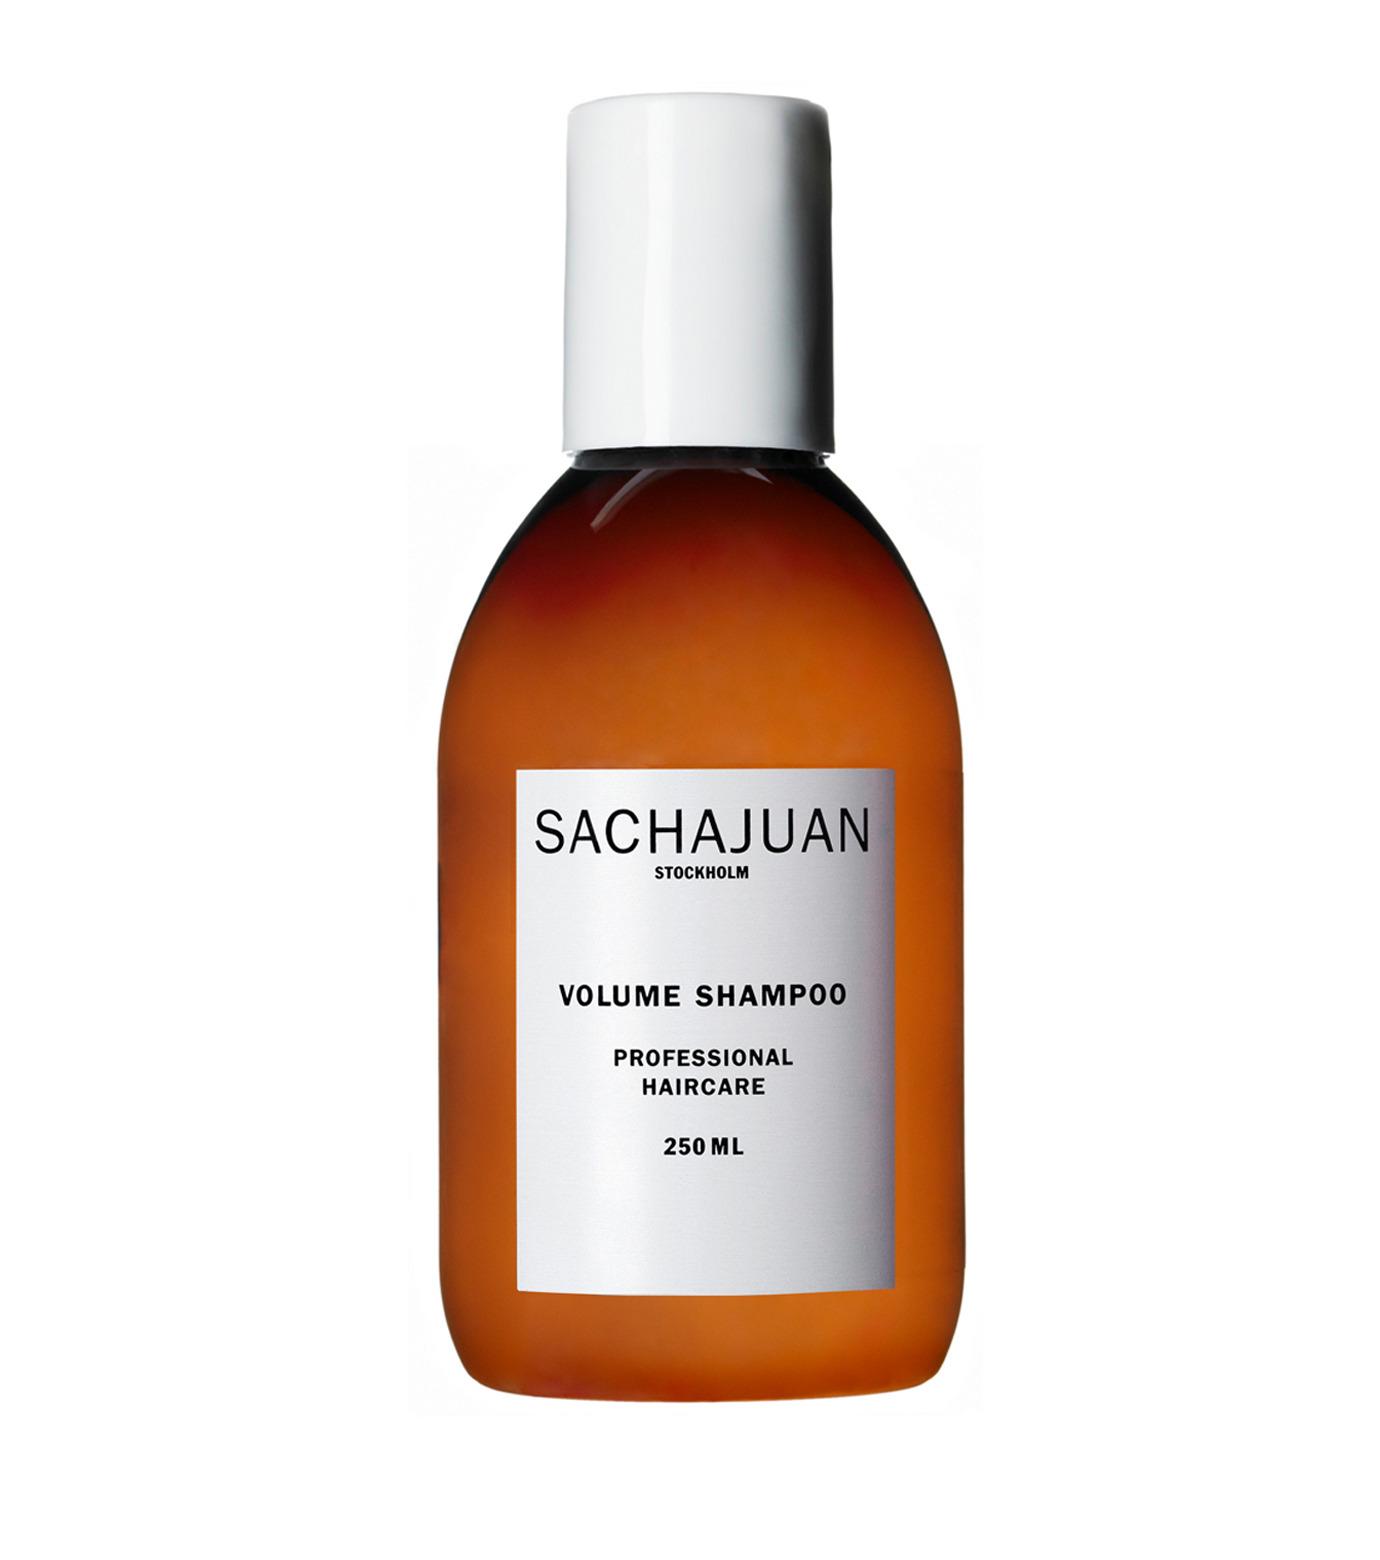 SACHAJUAN(サシャワン)のVolume Shampoo 250ml-WHITE(HAIR-CARE/HAIR-CARE)-110-4 拡大詳細画像1